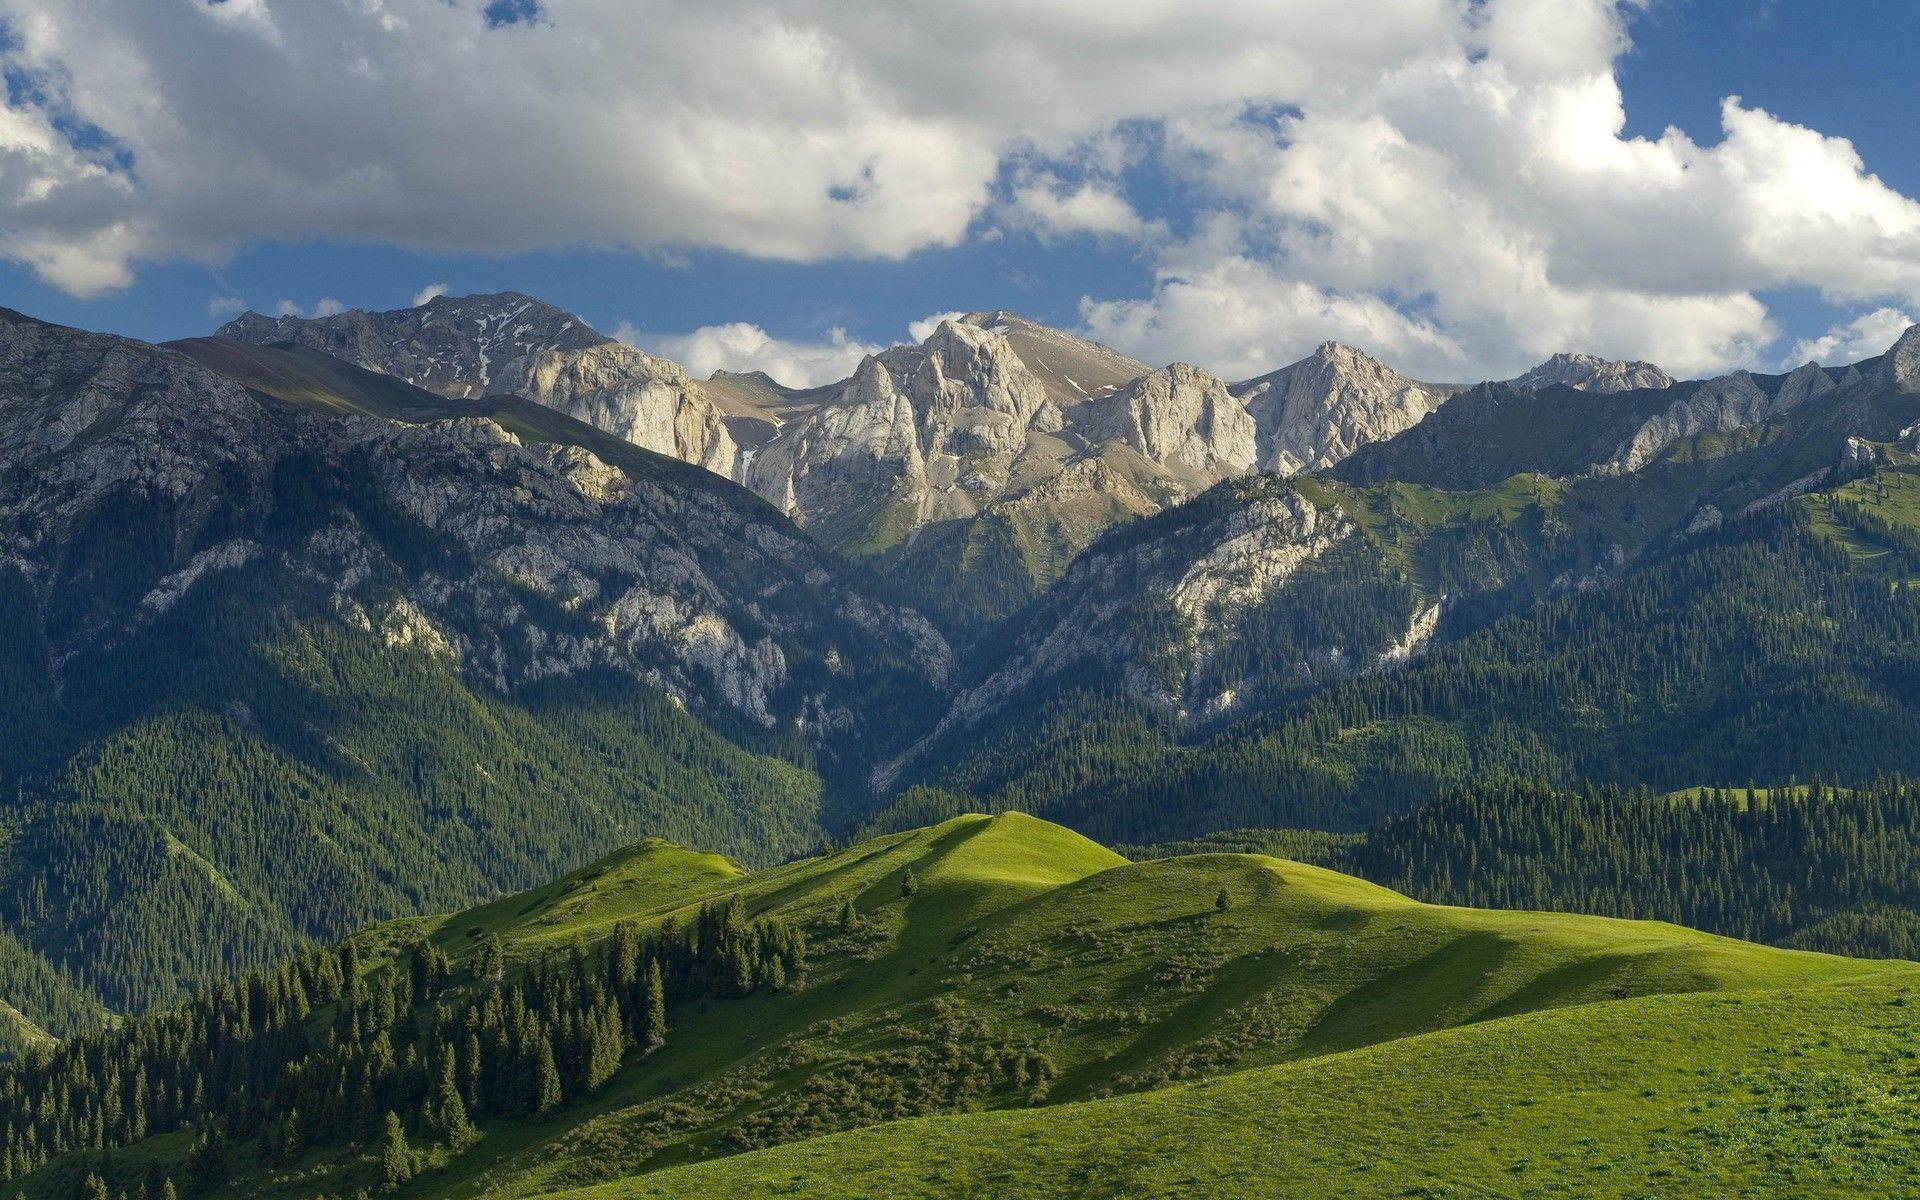 Scandinavian Landscape Google Search Mountain Landscape Landscape Wallpaper Beautiful Scenery Wallpaper